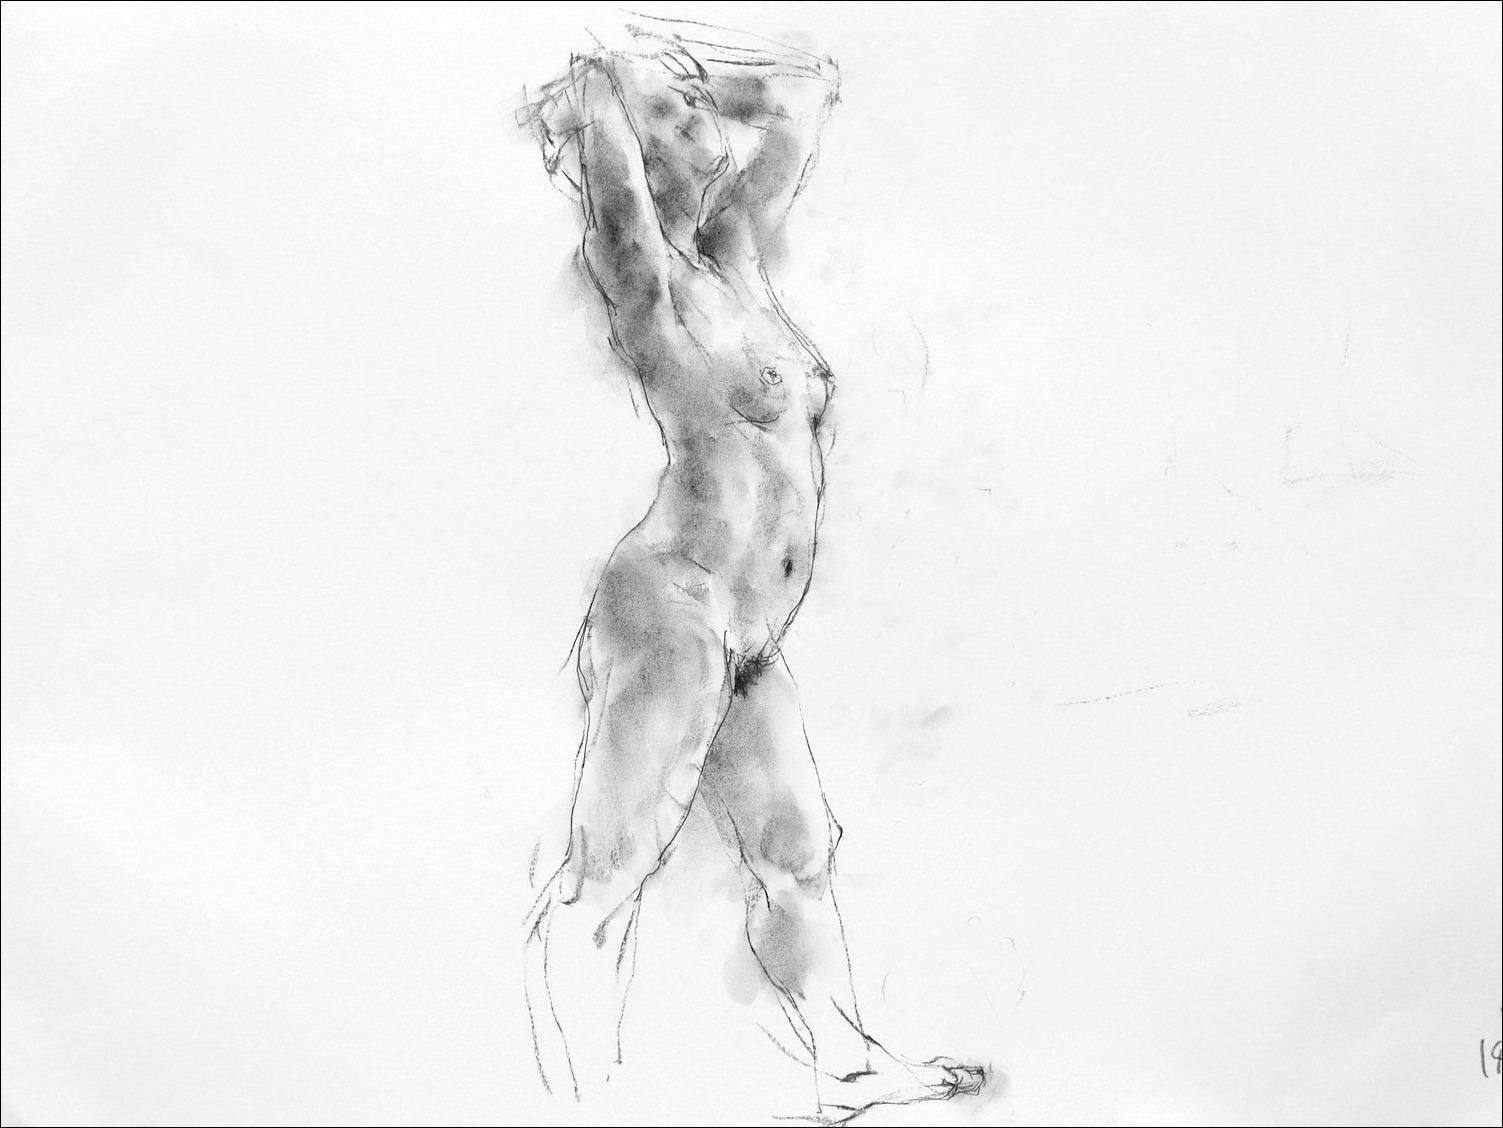 《裸婦素描 2》_f0159856_739824.jpg